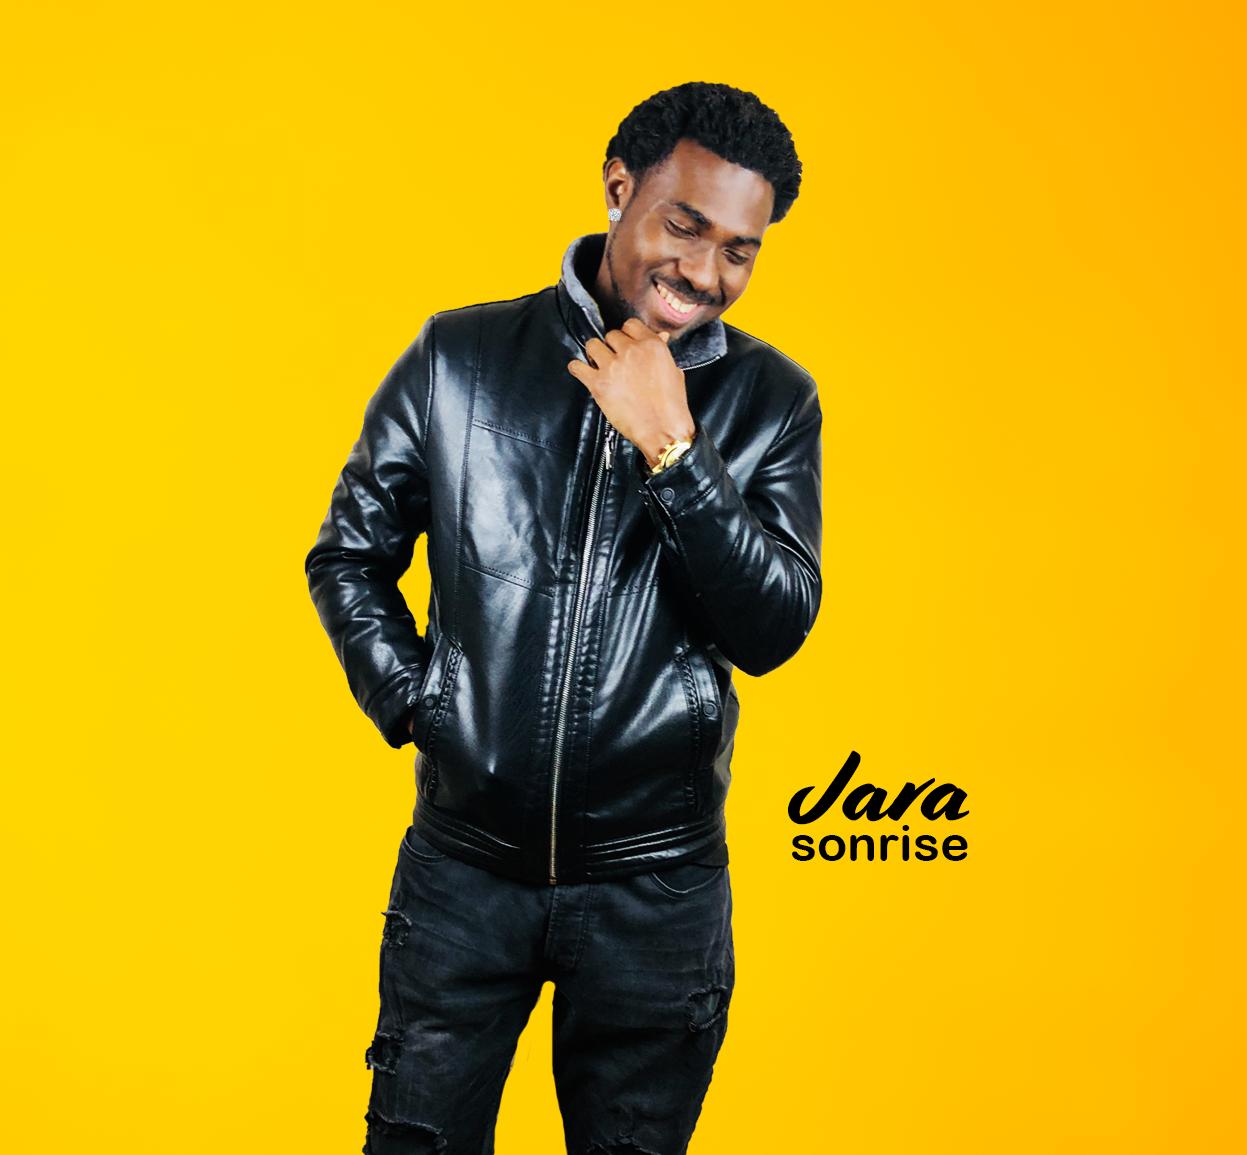 Sonrise – Jara